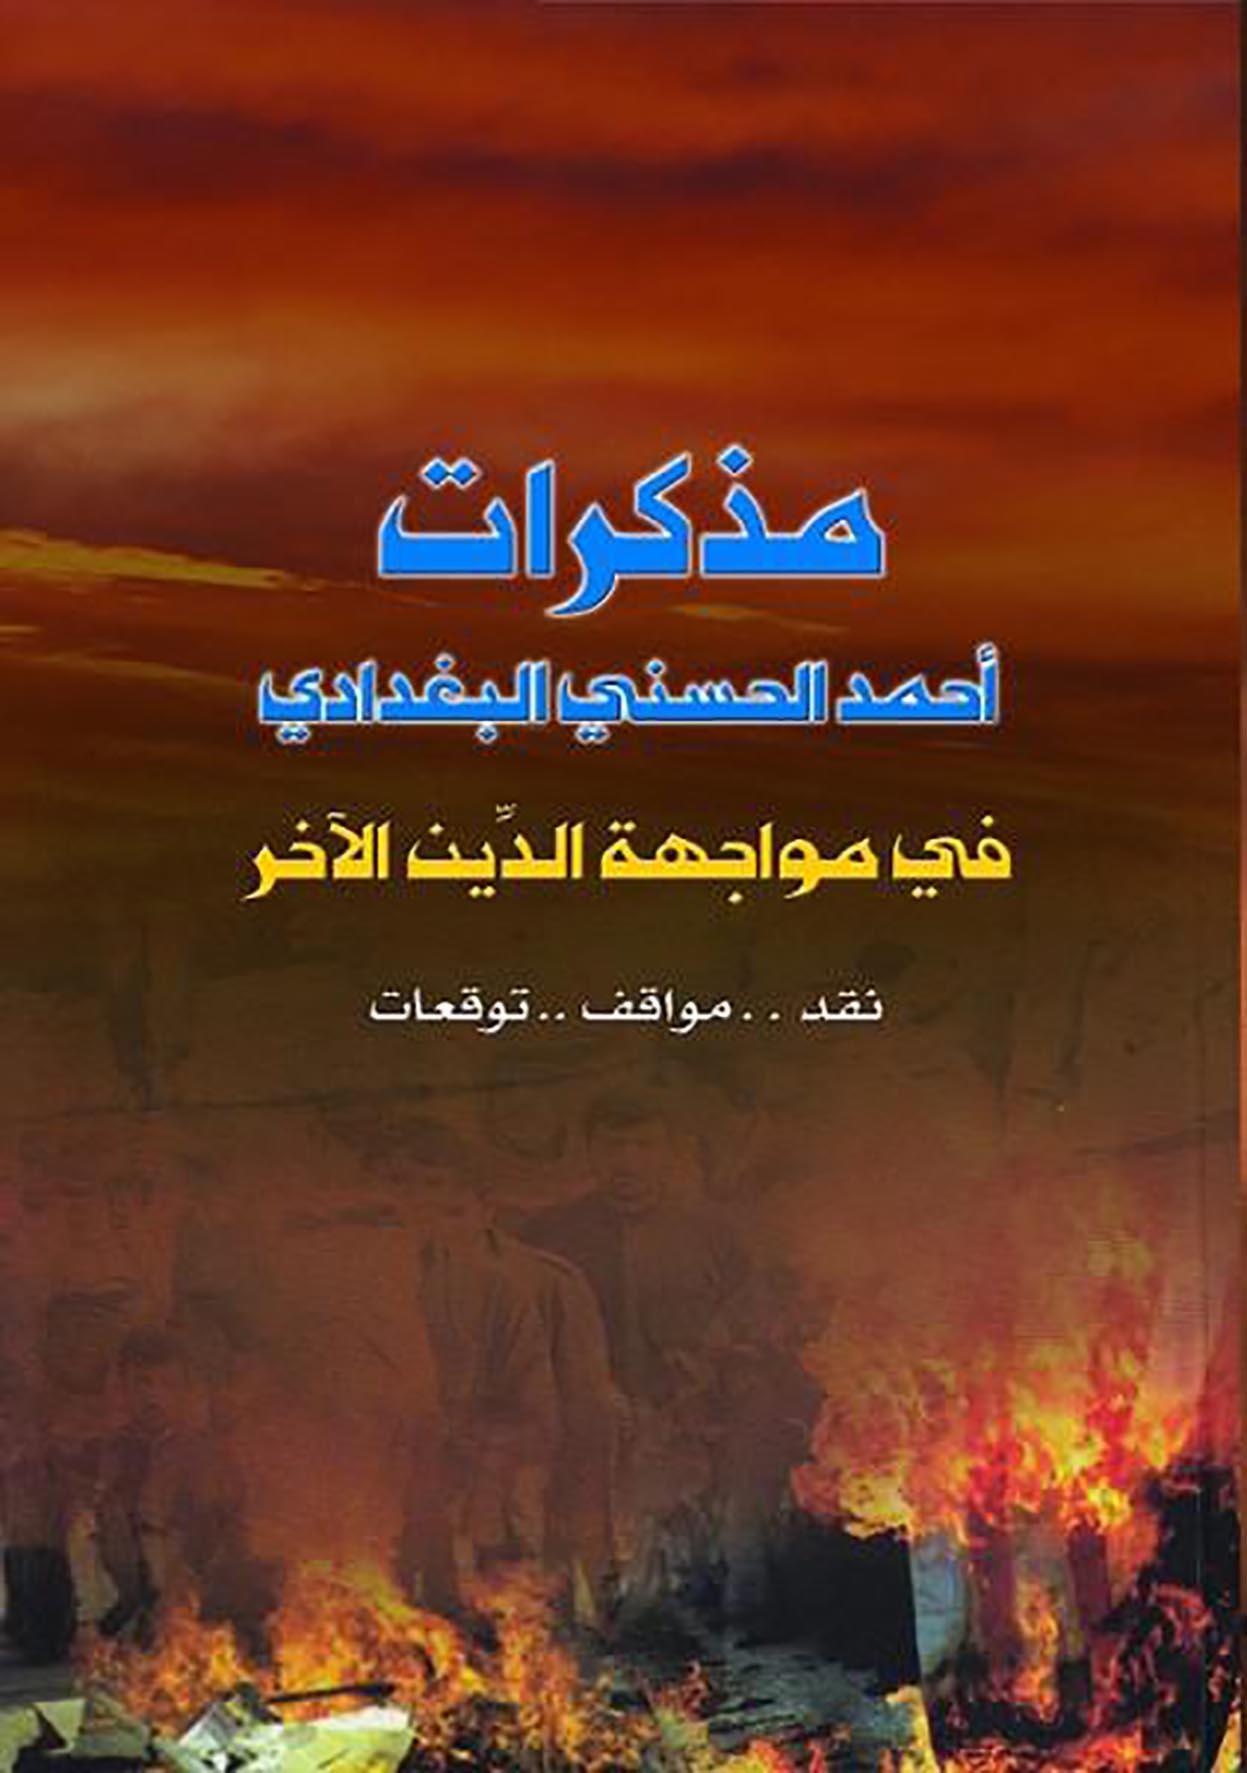 الاســـم:صفحات من مذكرات احمد البغدادي غلاف.jpg المشاهدات: 100 الحجـــم:140.0 كيلوبايت